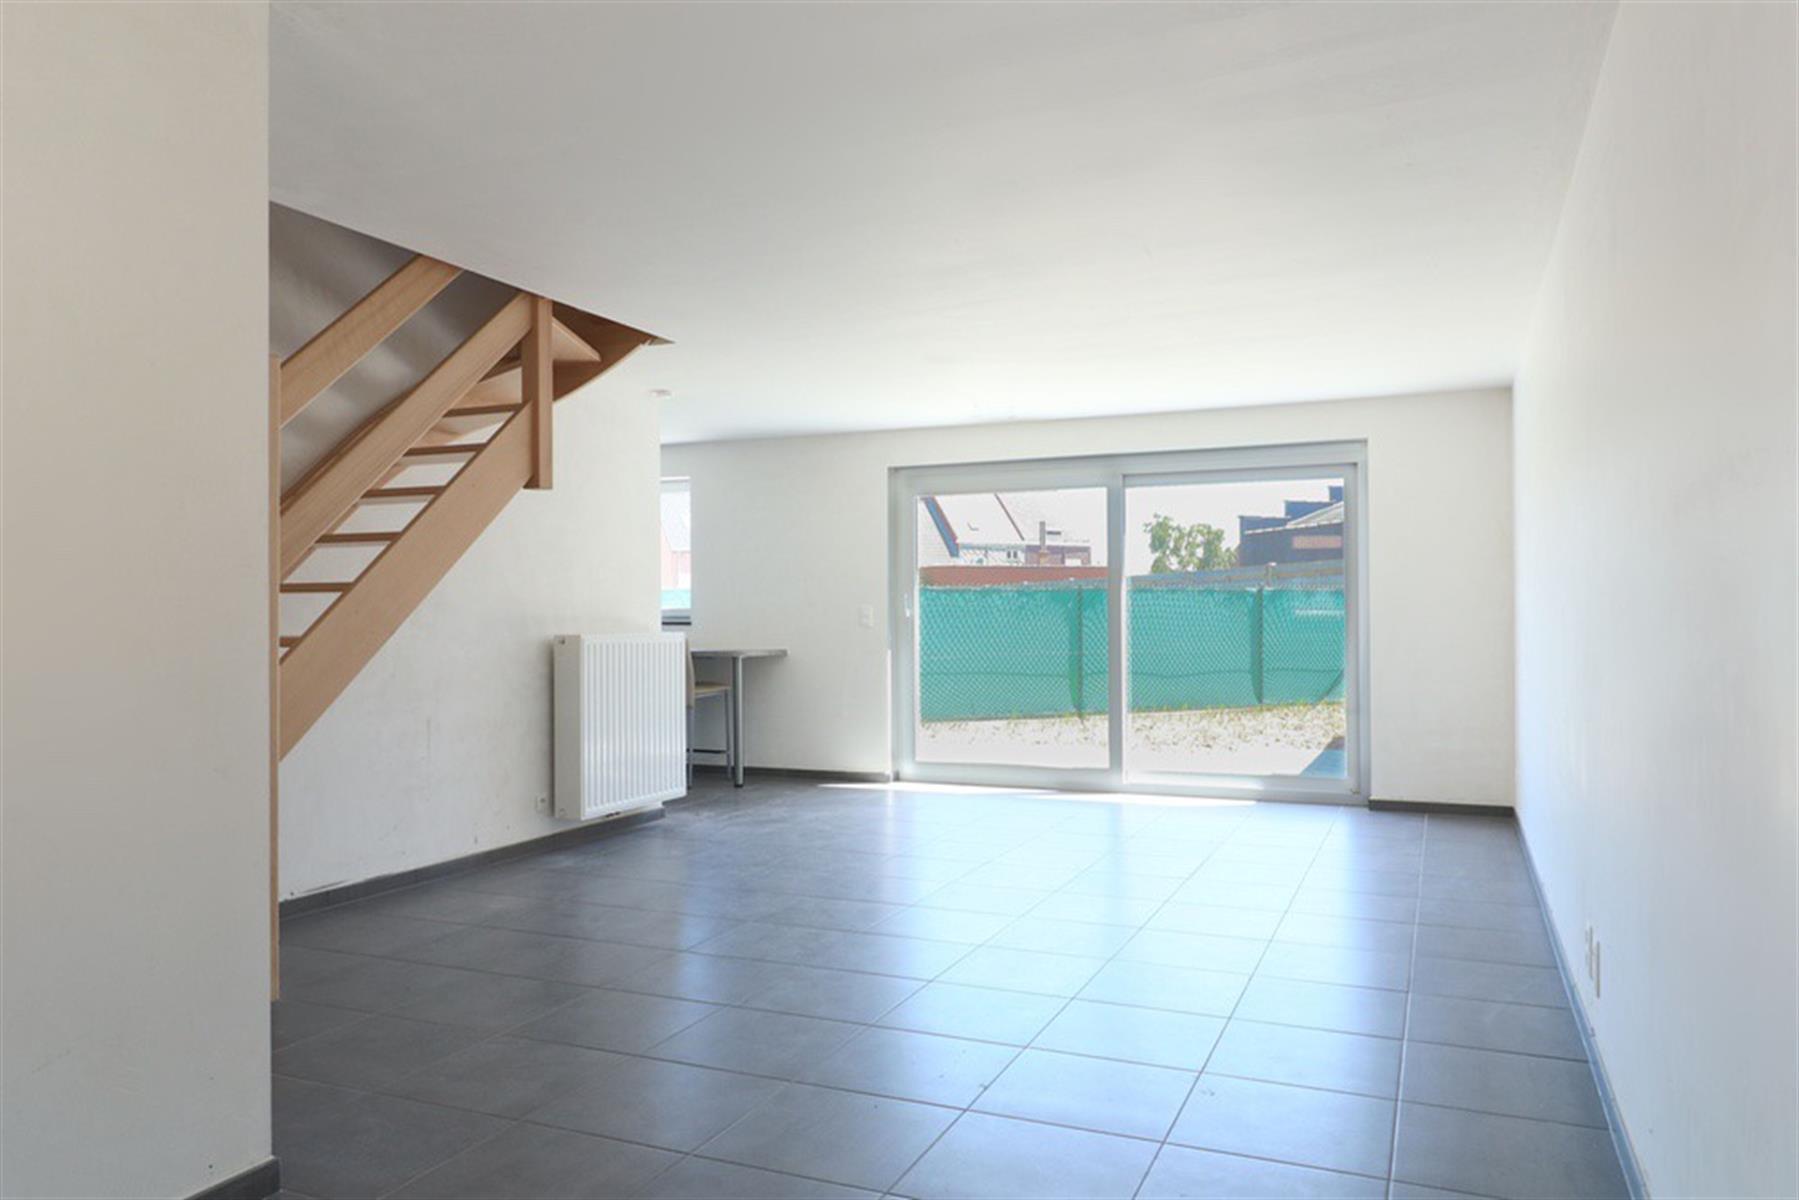 !!! OFFRE EN COURS !!! Maison NEUVE avec garage et petit jardin !